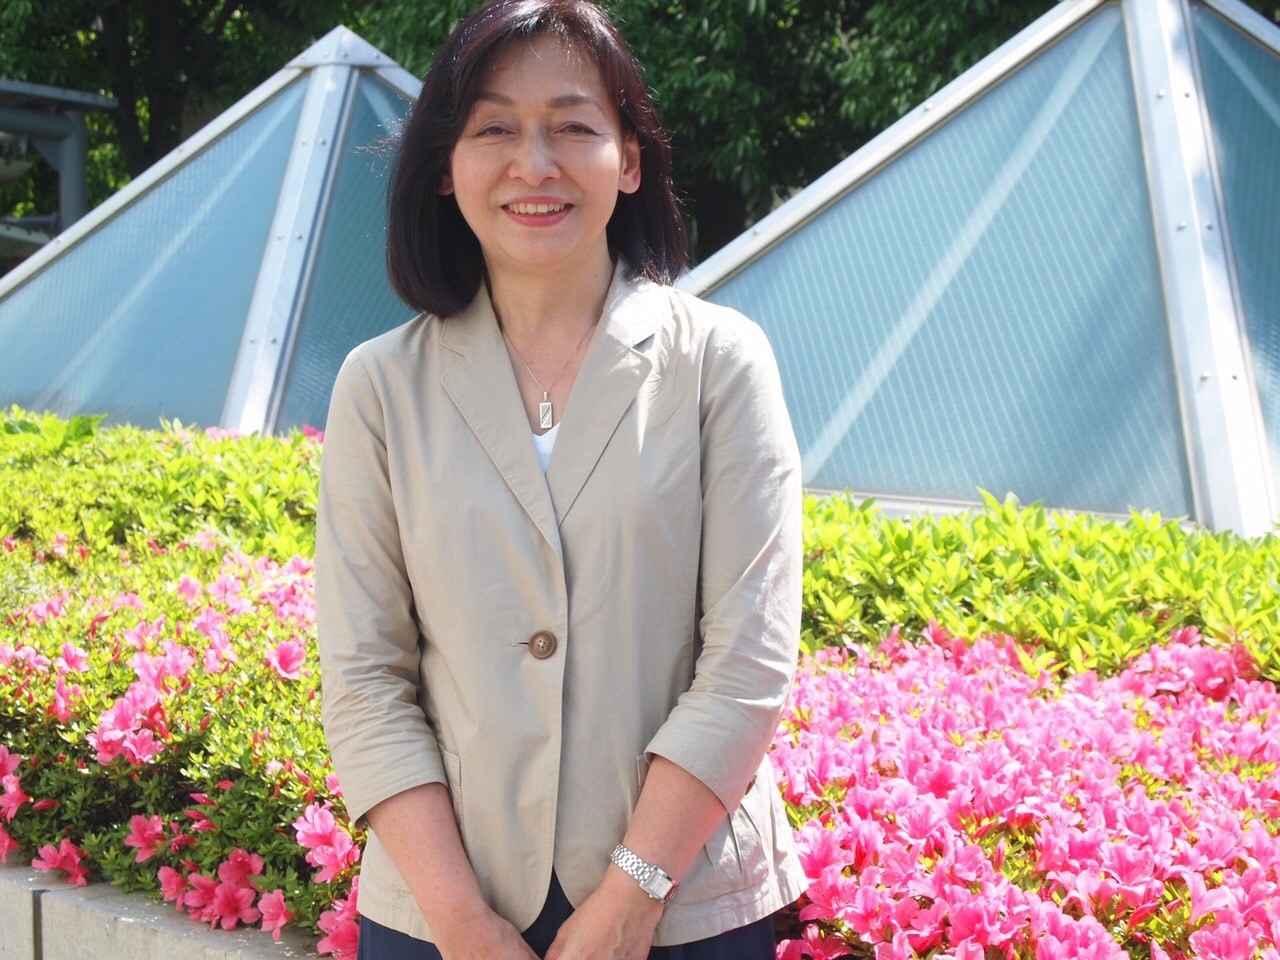 画像: 舩山純 ふなやまますみ 花旅コーディネーター。テーマ旅行に定評のある旅行会社クラブツーリズムで20年に渡り花と人を結ぶガーデンツーリズムを提唱してきた花旅企画のパイオニア的存在。日本各地の有名ガーデンから、個人の庭まで網羅。英国やフランスなどへの海外ツアーも毎年開催し人気を呼んでいる。